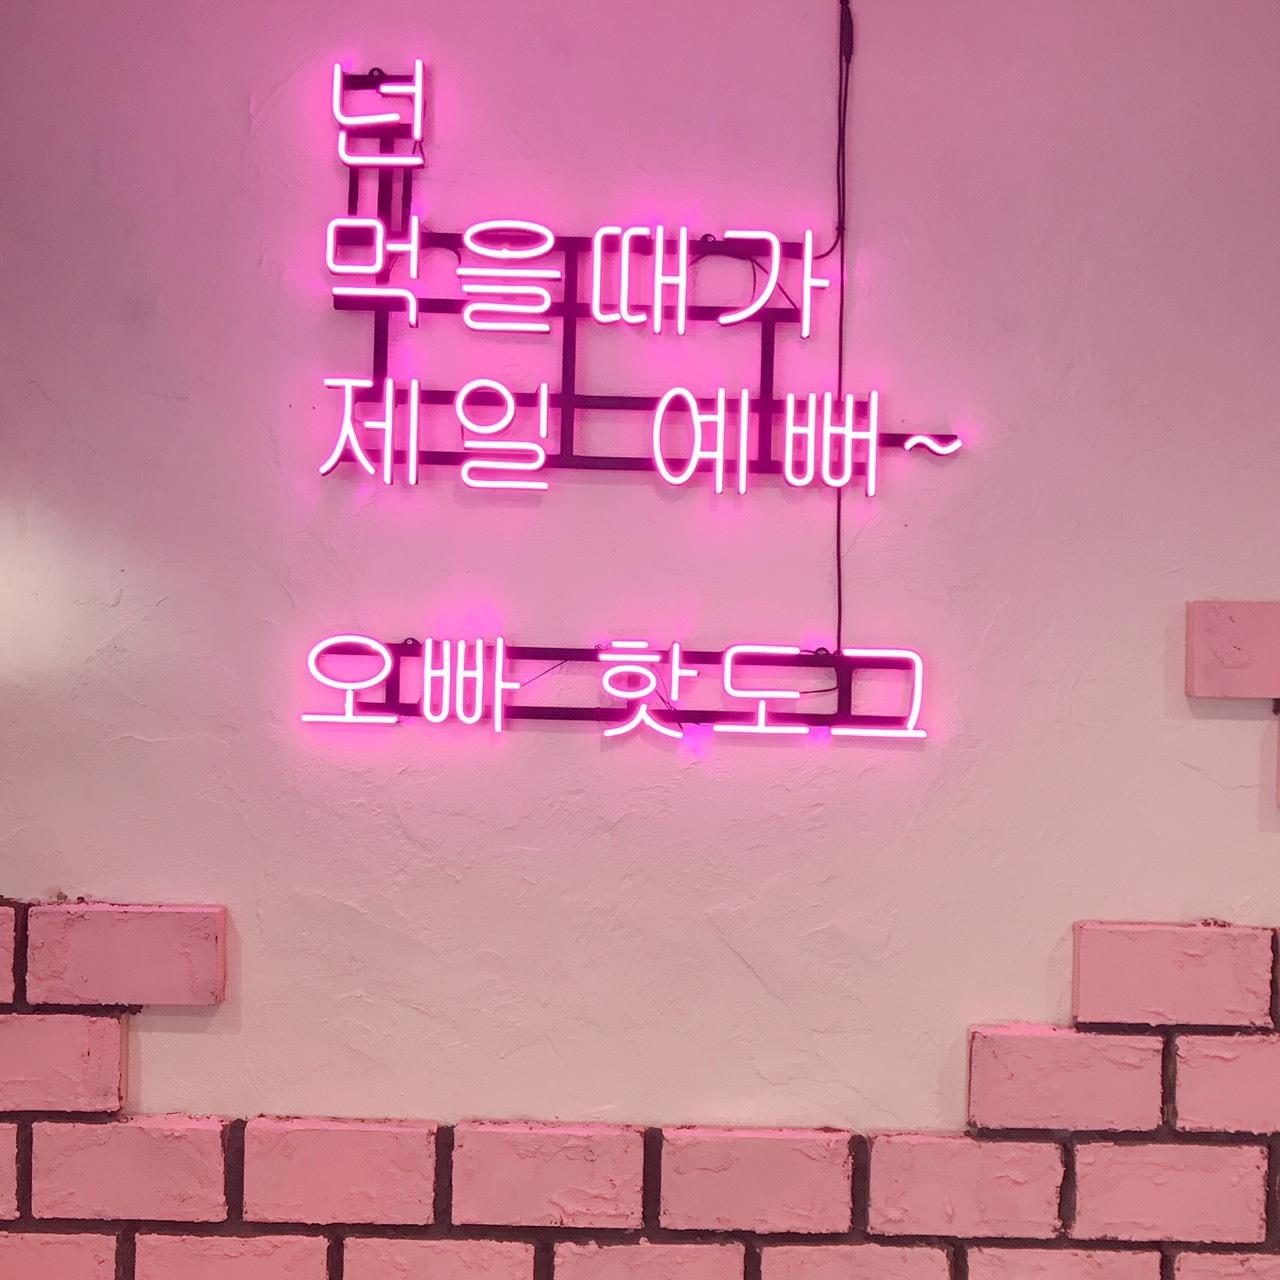 まるで韓国?!下北沢の可愛すぎるカフェに行ってみた!ヾ(о・ω・о)ノ吉田恵美2_1_2